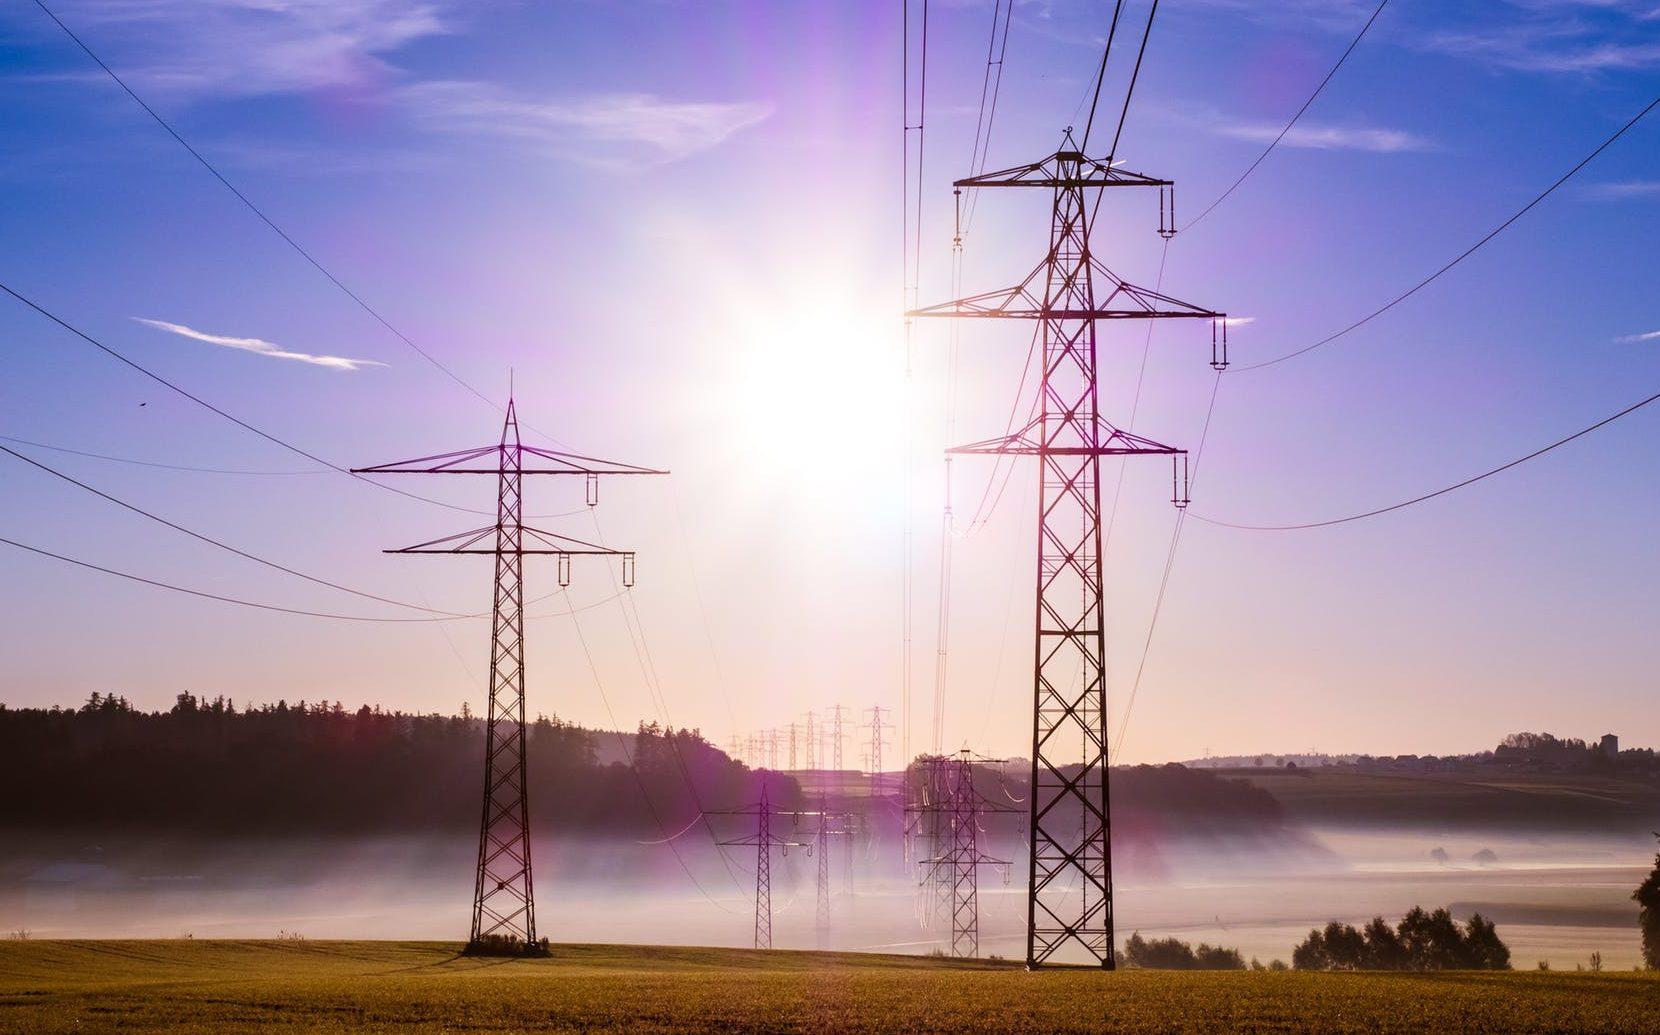 dodavatele elektřiny nebo plynu